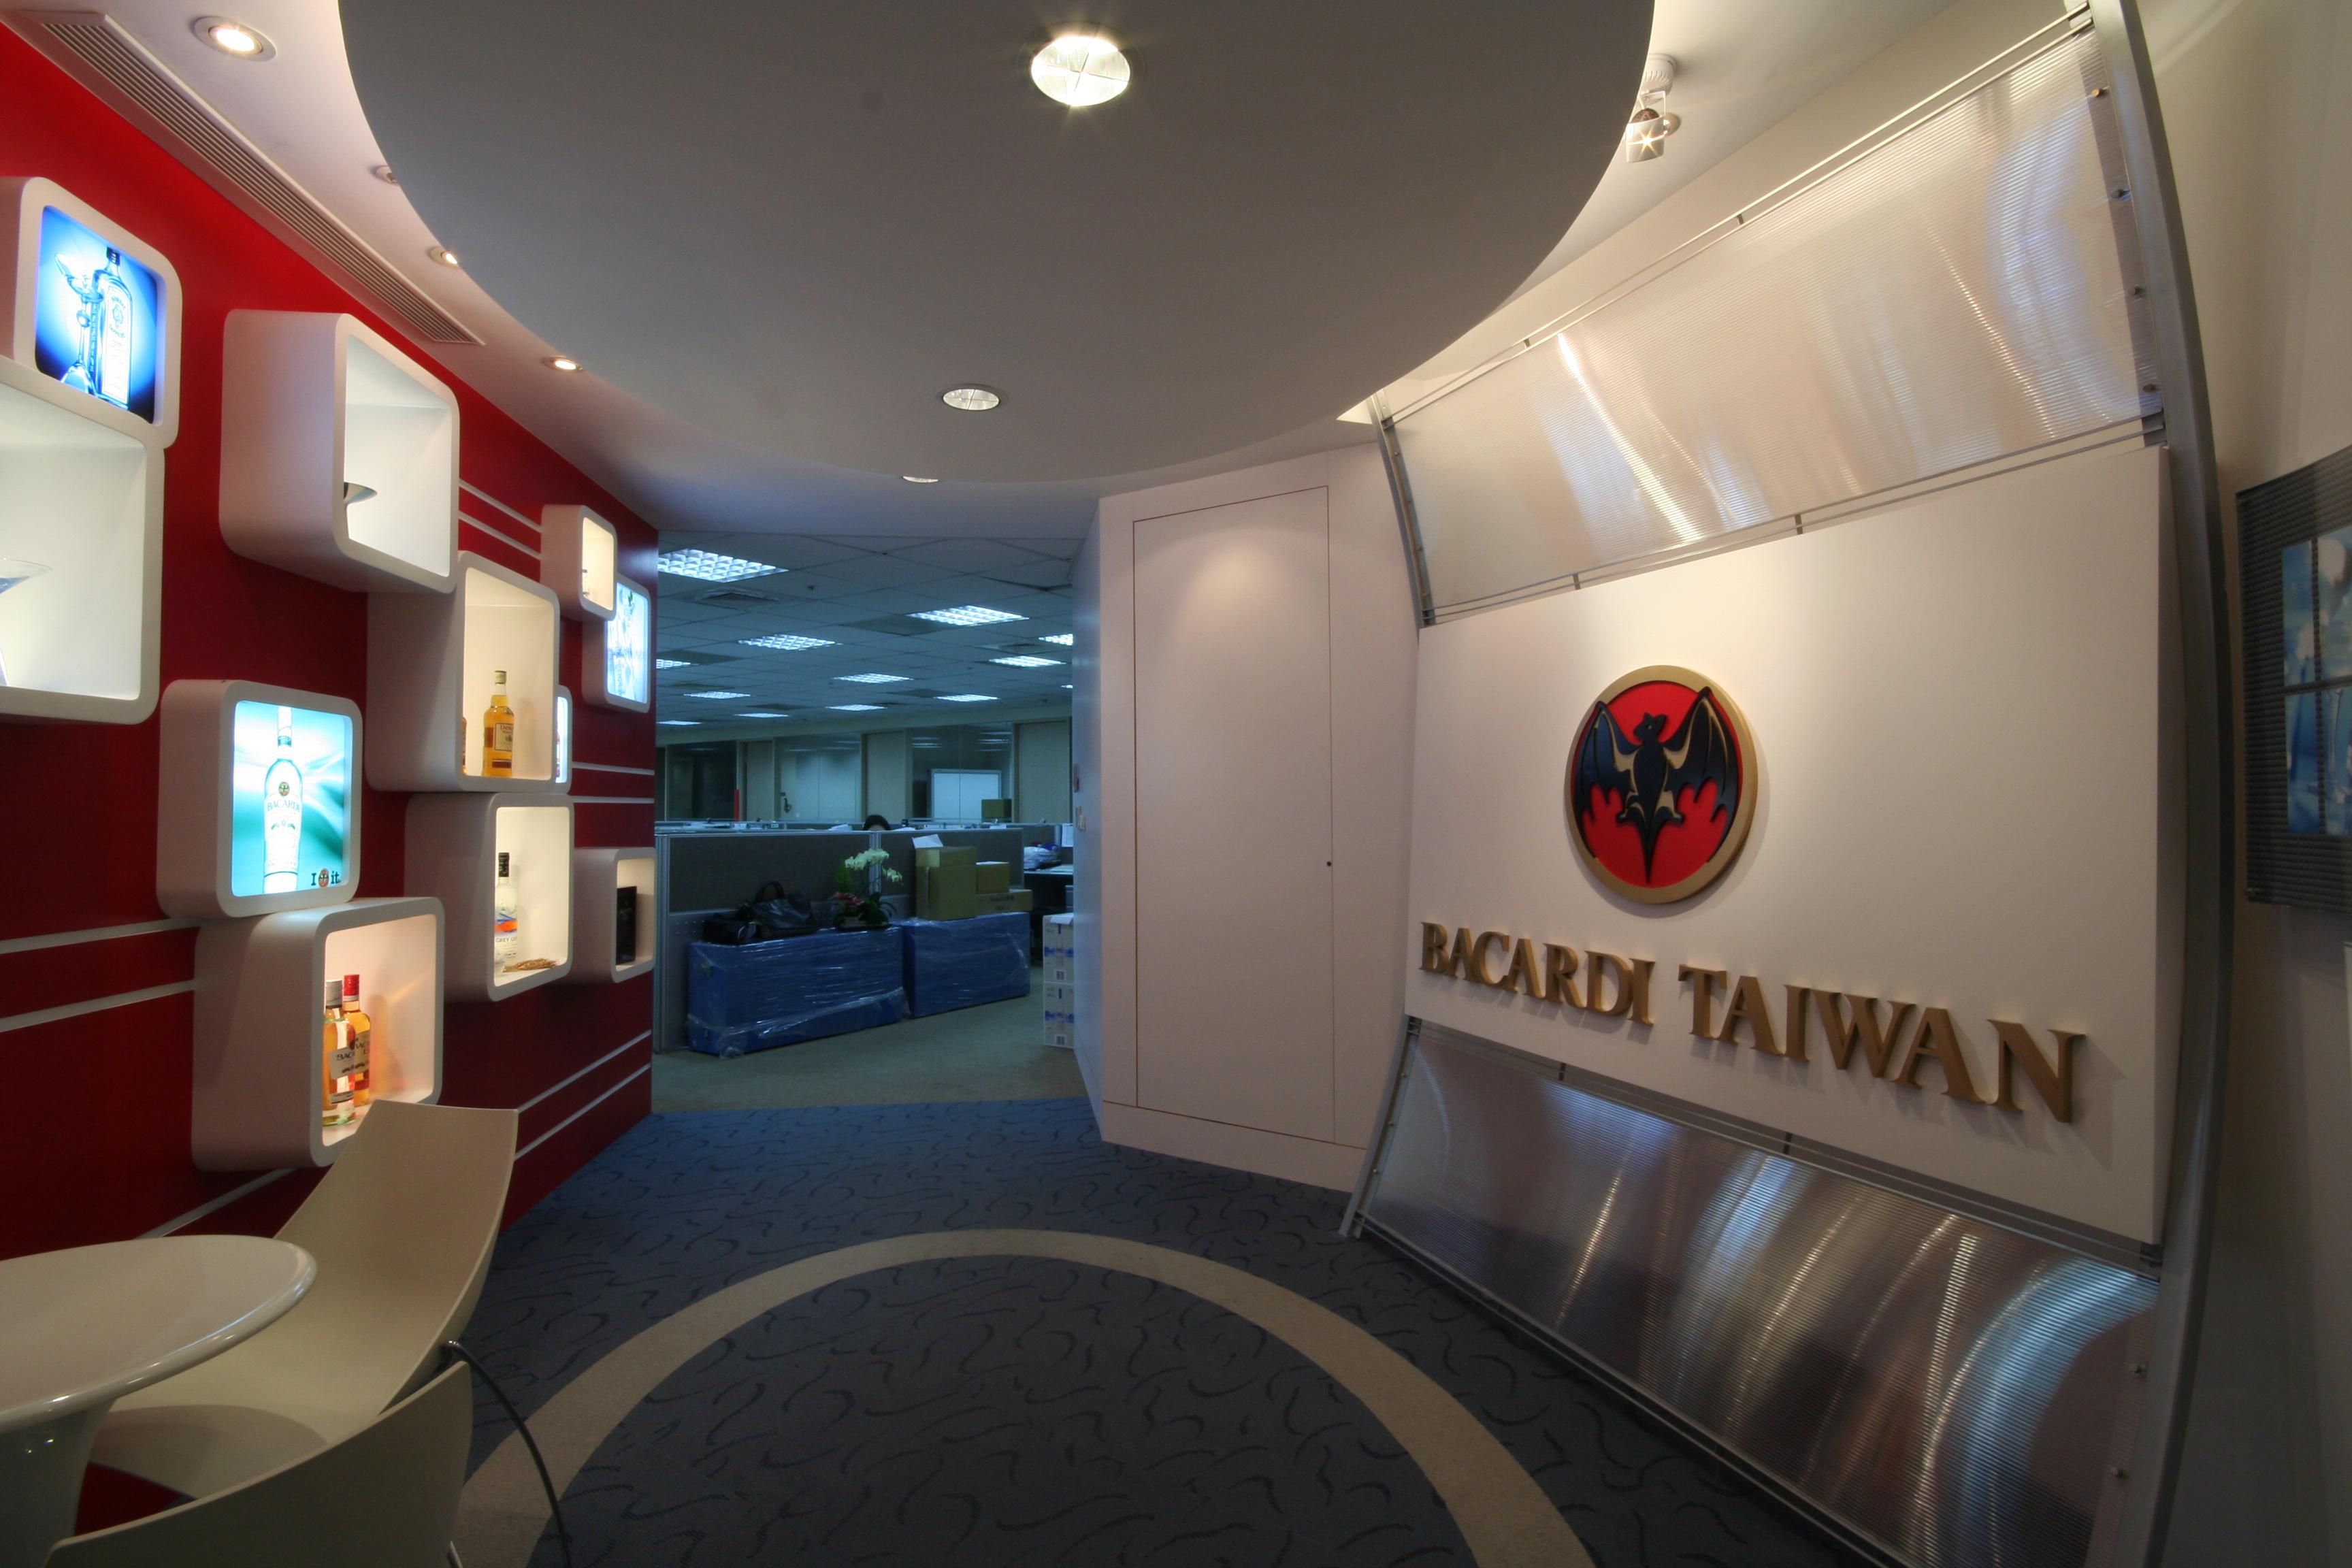 BACARDI TAIWAN